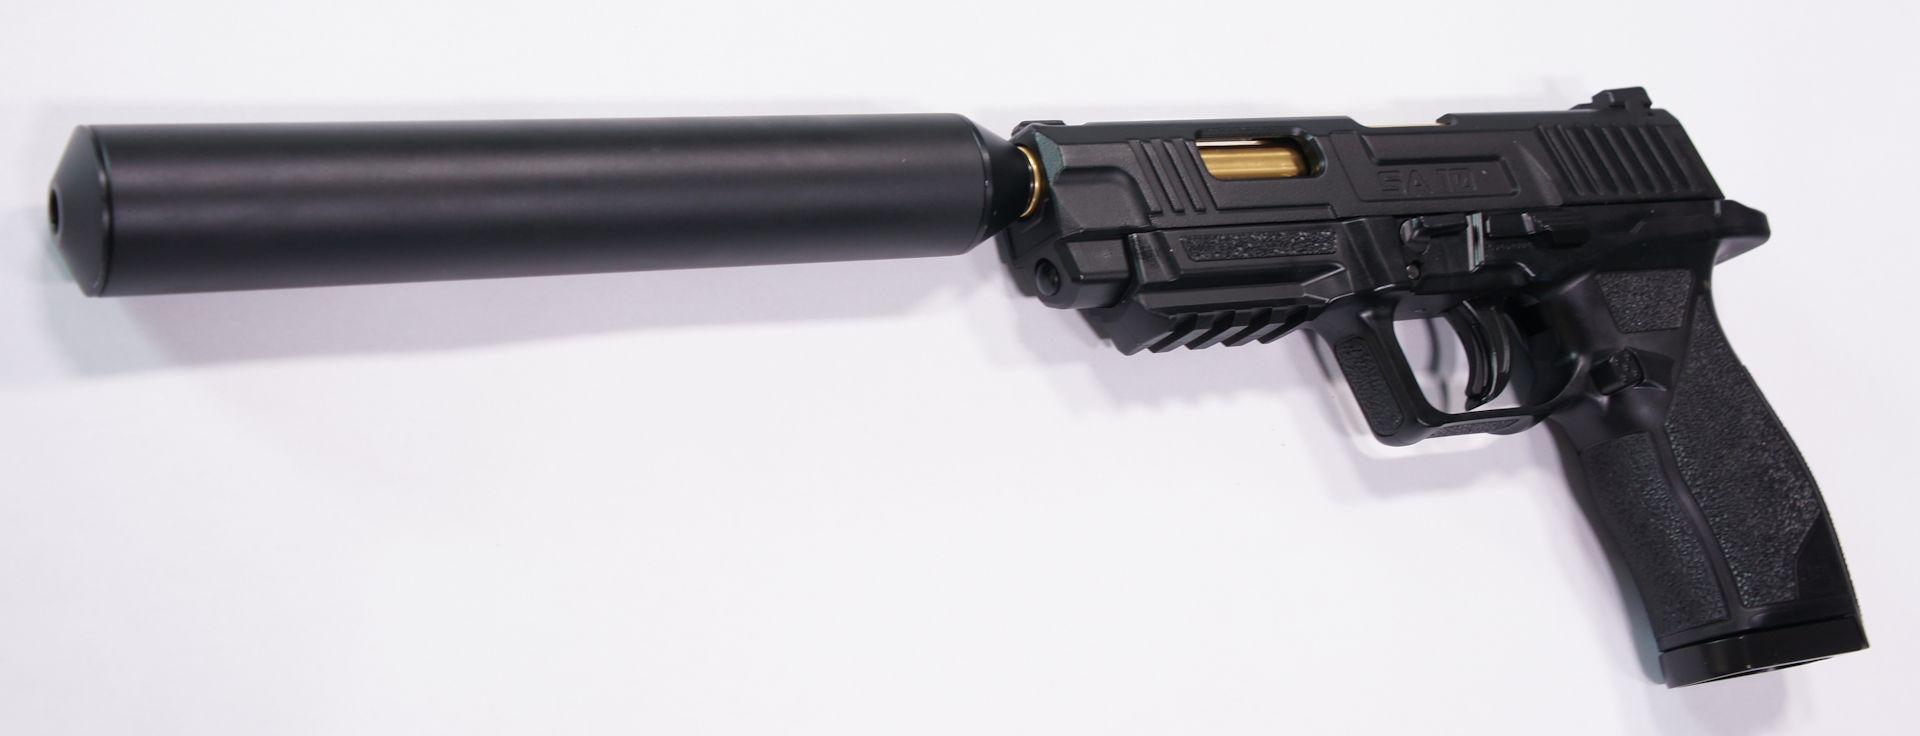 Montagebeispiel an der  <a href=1050058.htm> CO2 Pistole UX Umarex SA 10 </a>.  Allerdings steht der Schalldämpfer in der Visierlinie.